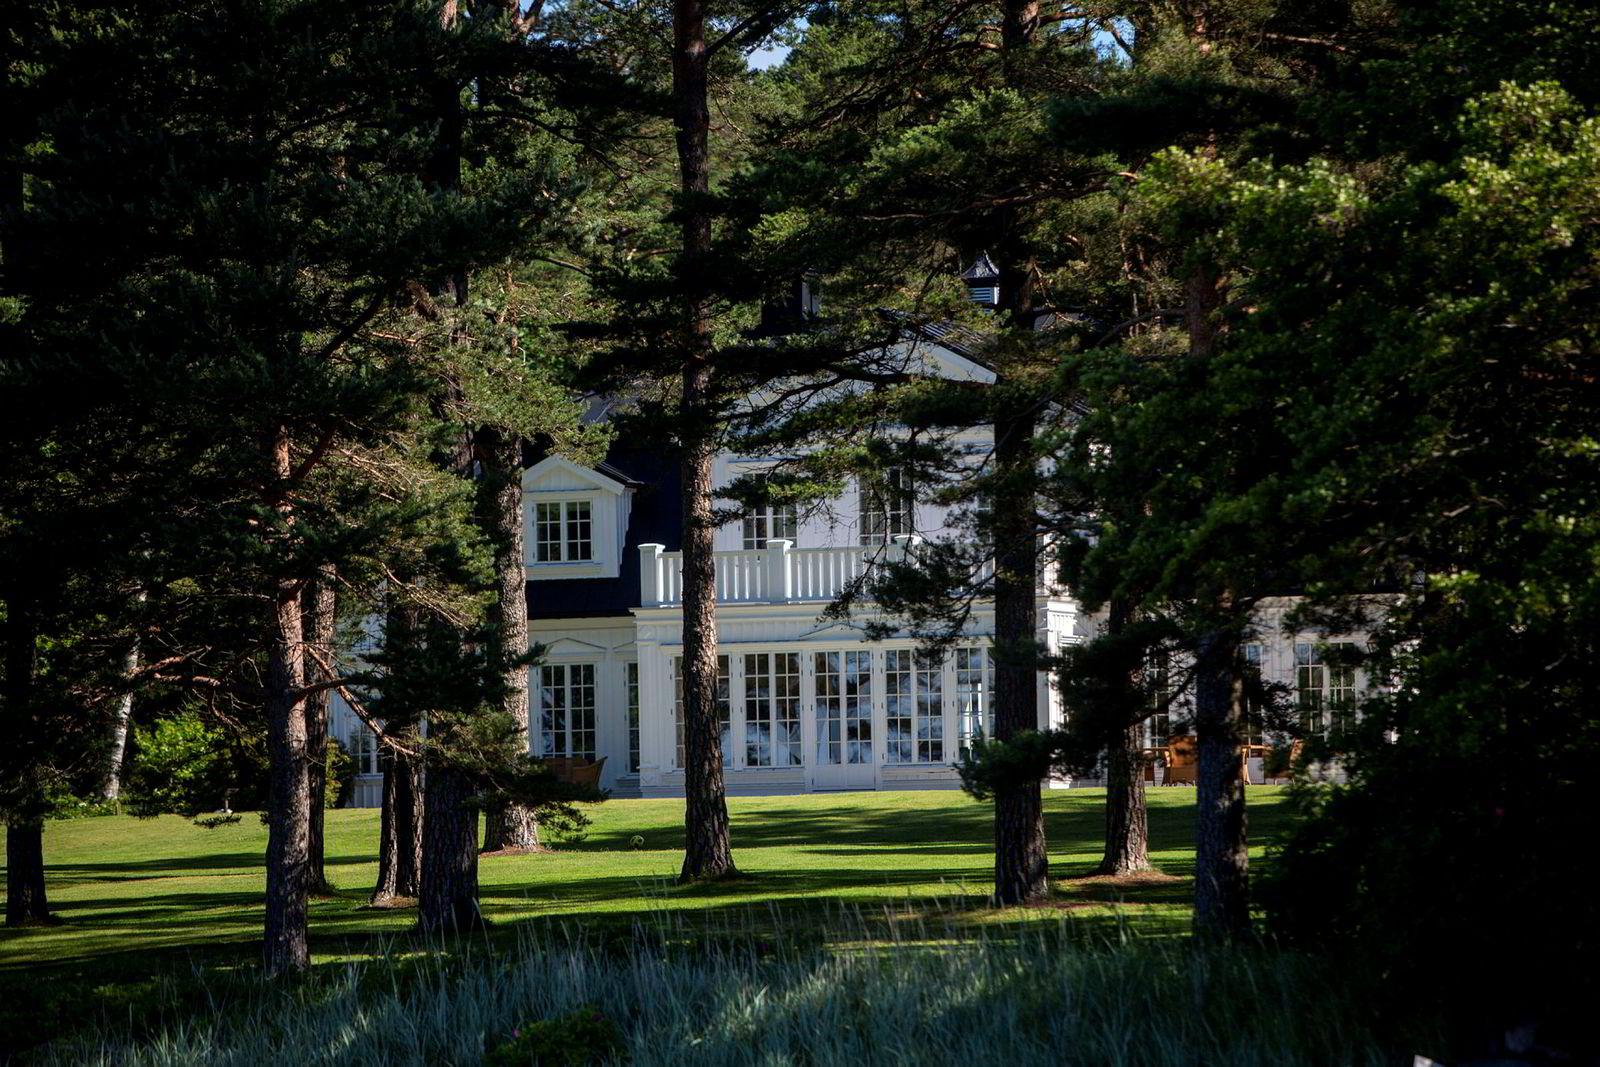 I 2007 kjøpte den danske oljegründeren Brian Ole Jepsen denne eiendommen på Vesterøya i Sandefjord for 32 millioner kroner. Han rev og bygde en ny fritidsbolig på eiendommen.